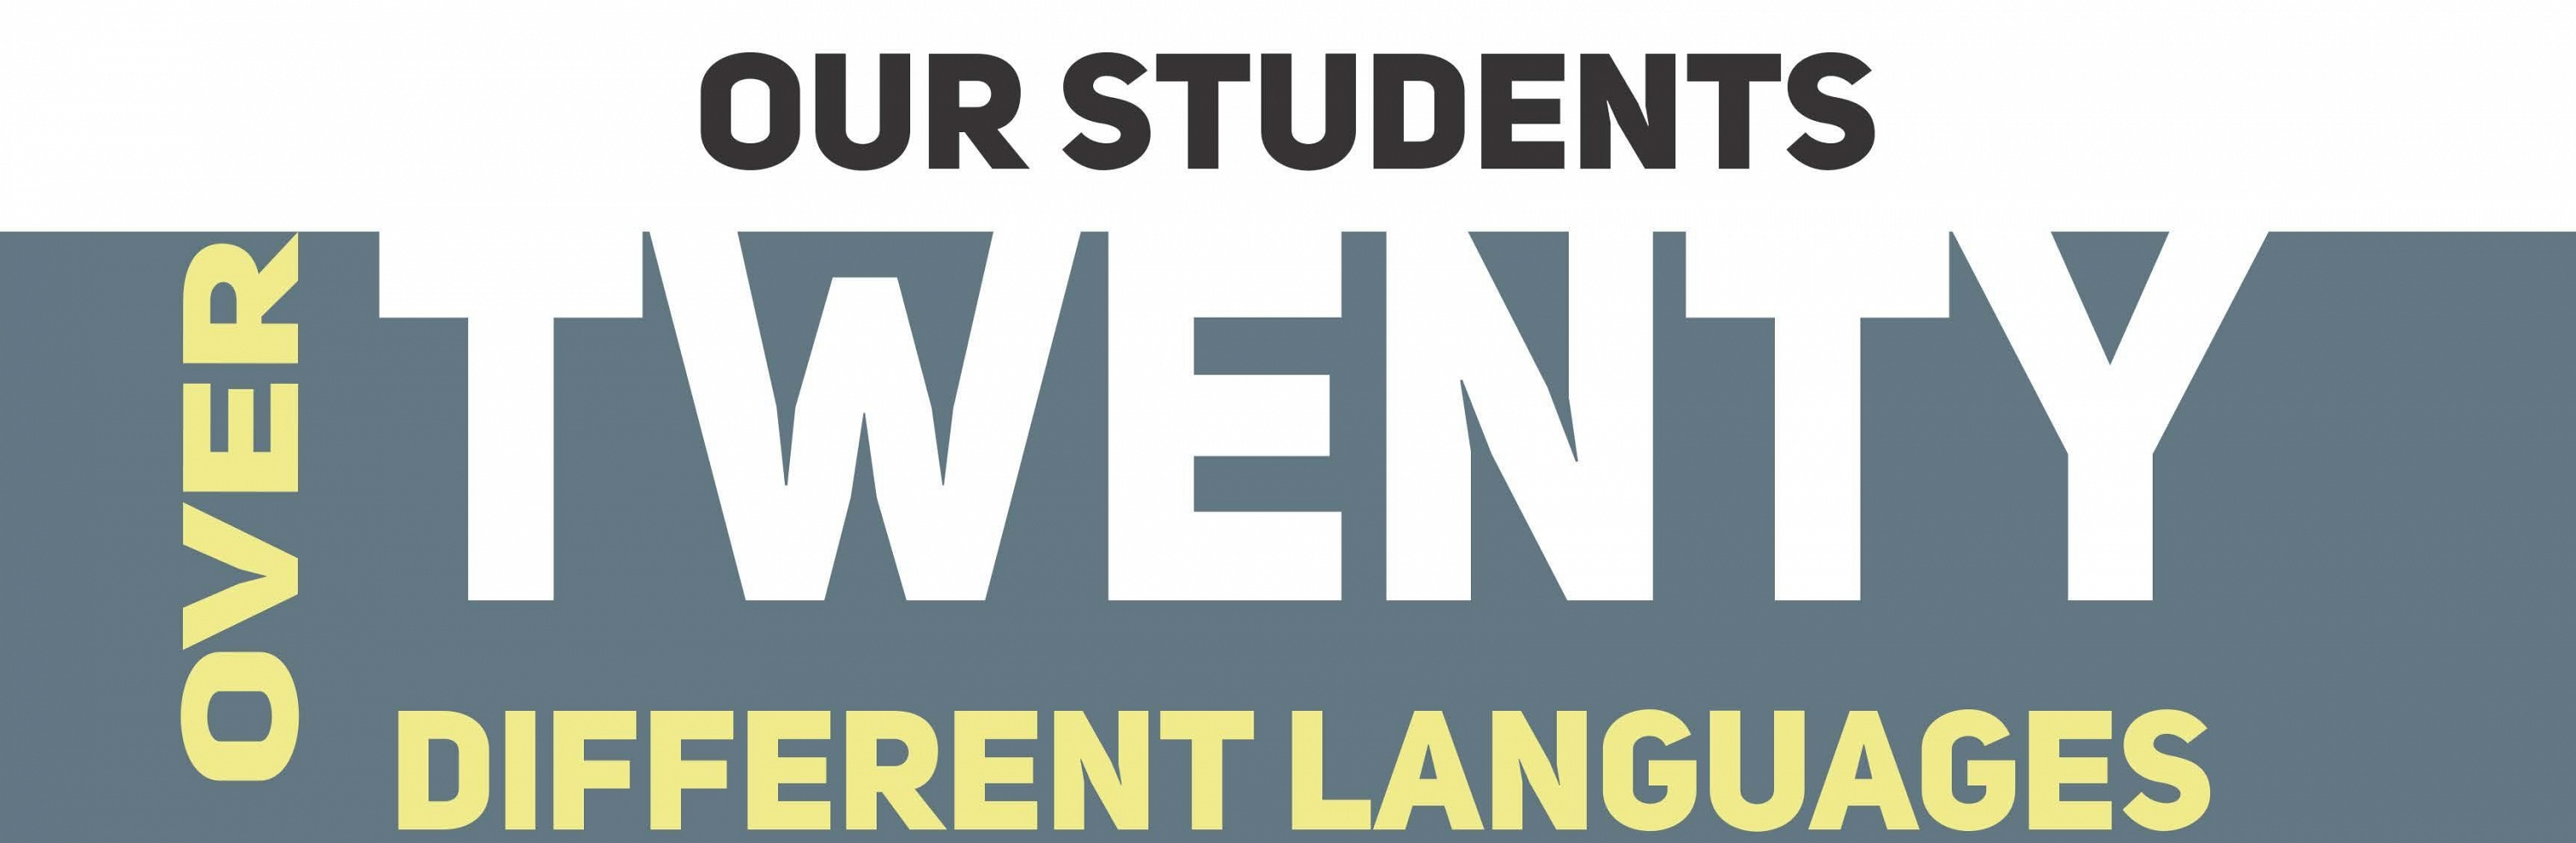 Students speak over 20 languages